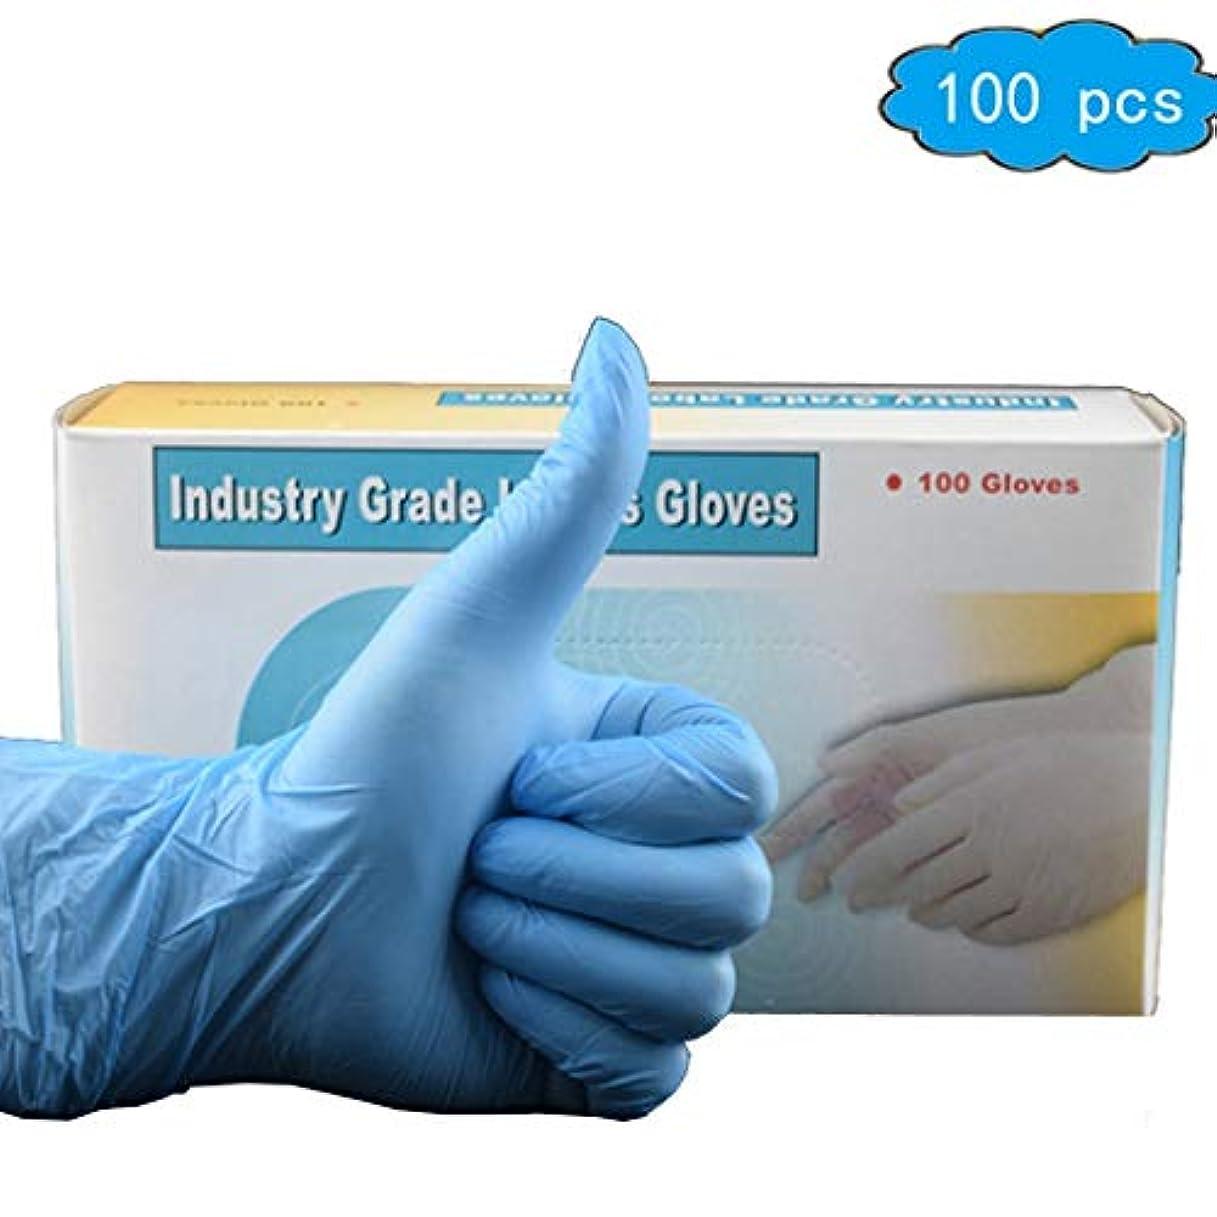 株式商標ショート使い捨てニトリル手袋、使い捨て手袋、工業用手袋、クリア、ラテックスフリー?アレルギーフリー、プラスチック、仕事、食品サービス、(100の箱)(ミディアム)、ラボ&科学製品、家庭用クリーニンググローブ (Color : Blue...